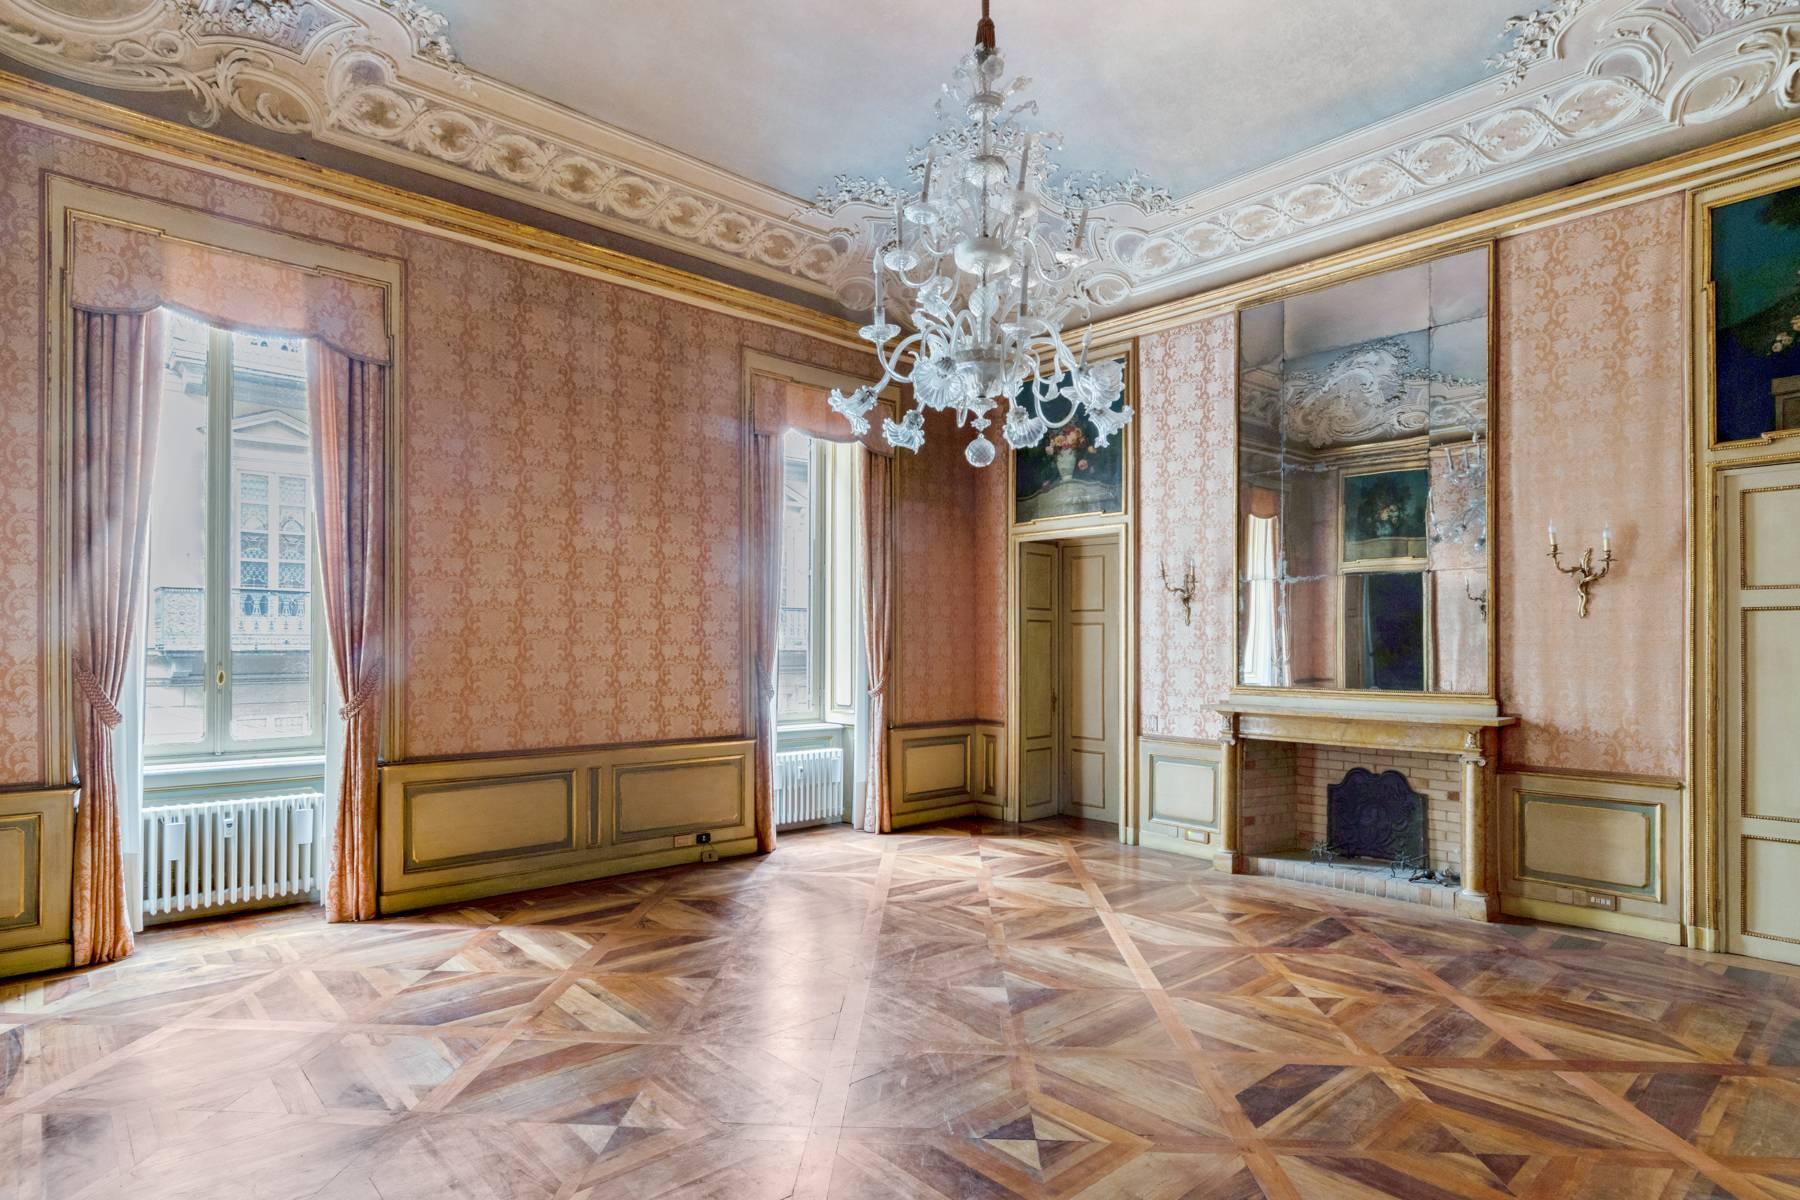 Luxus-Wohnung im historischen Palast - 14